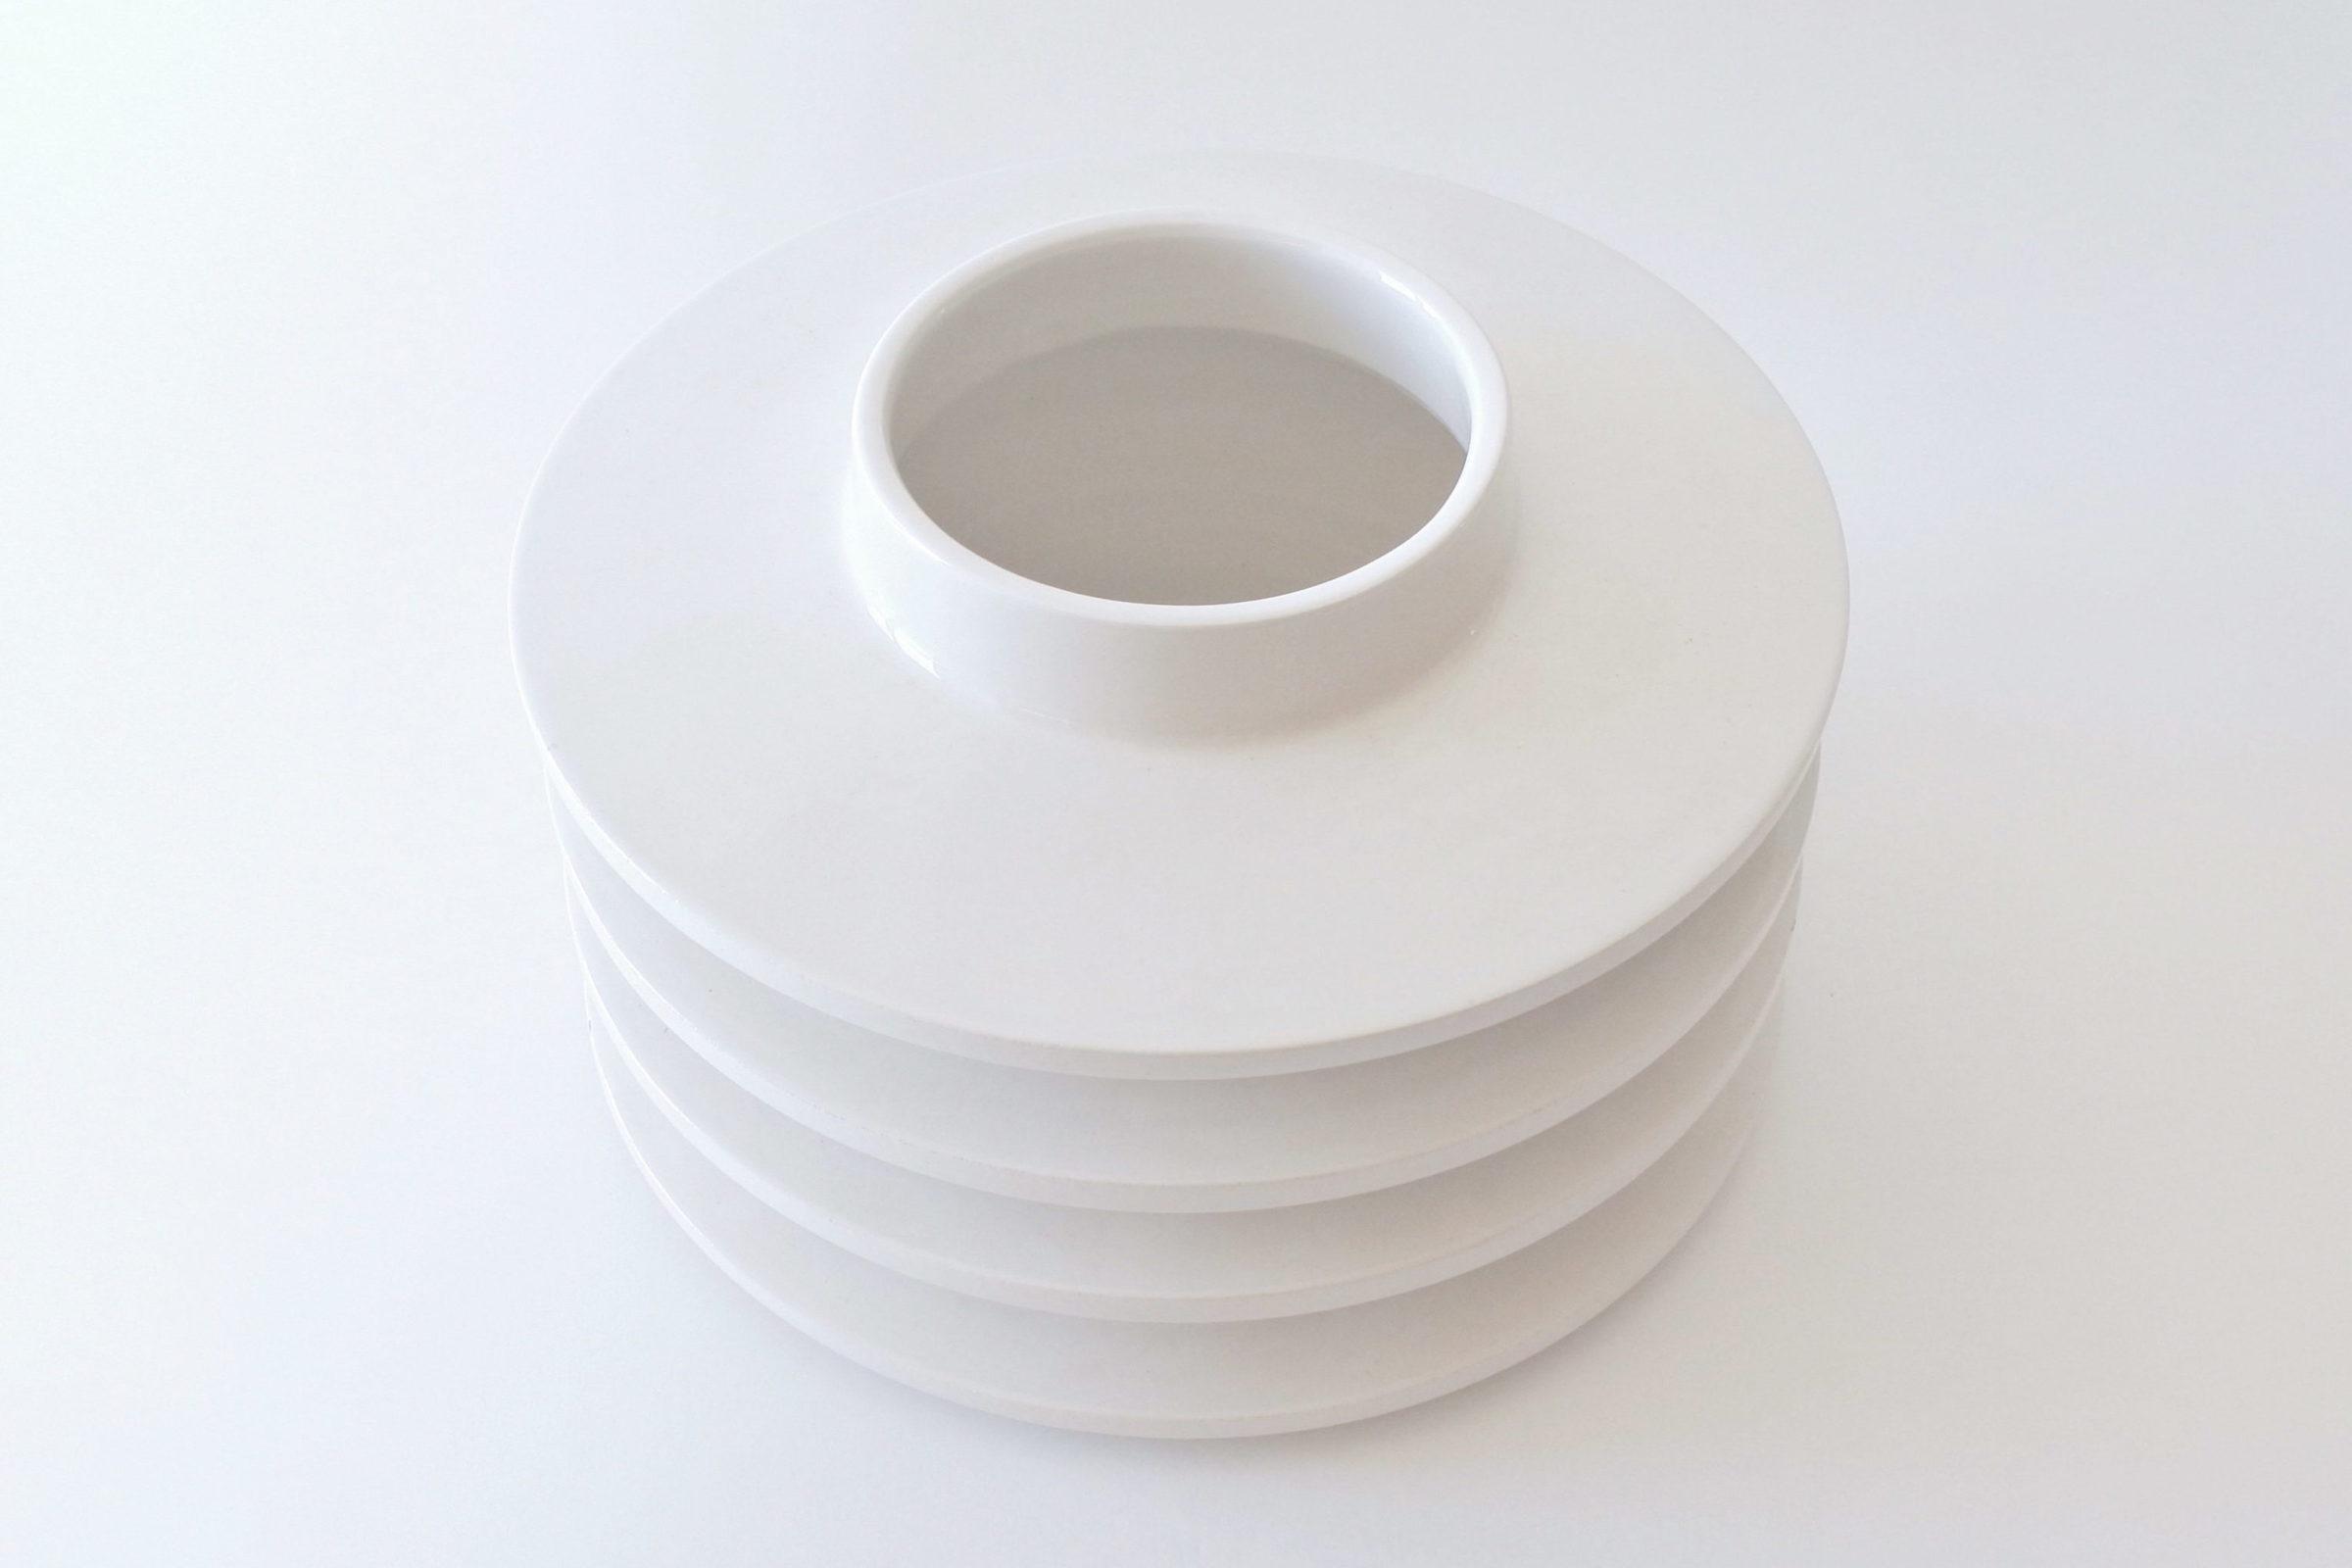 Vaso isolatore in ceramica bianca - E. Sottsass per ceramiche Bitossi - 2